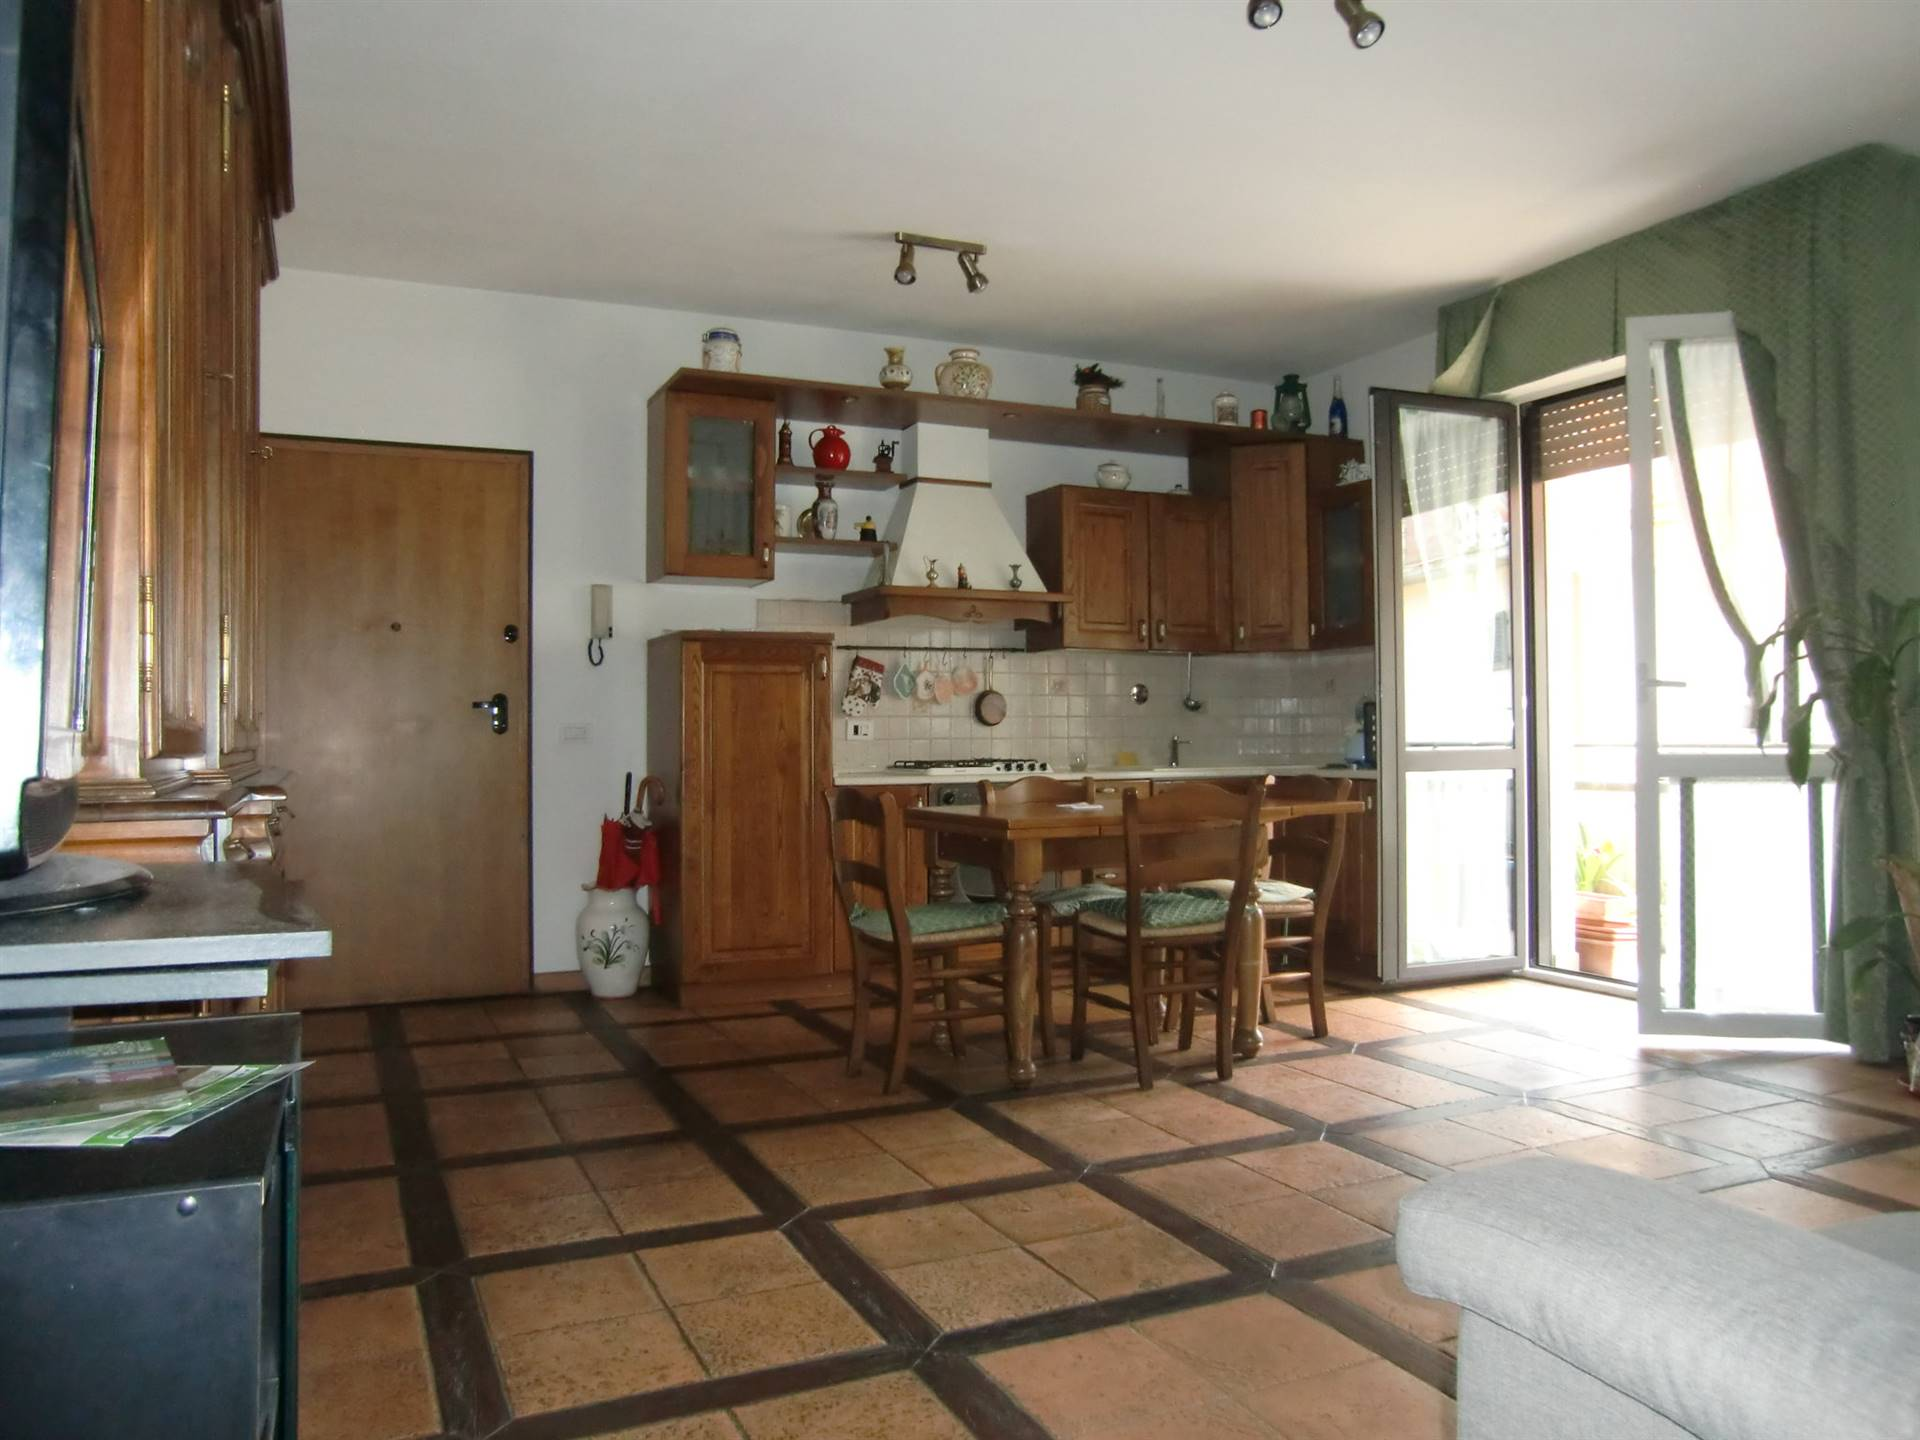 Appartamento in vendita a Reggello, 3 locali, zona ro, prezzo € 165.000 | PortaleAgenzieImmobiliari.it